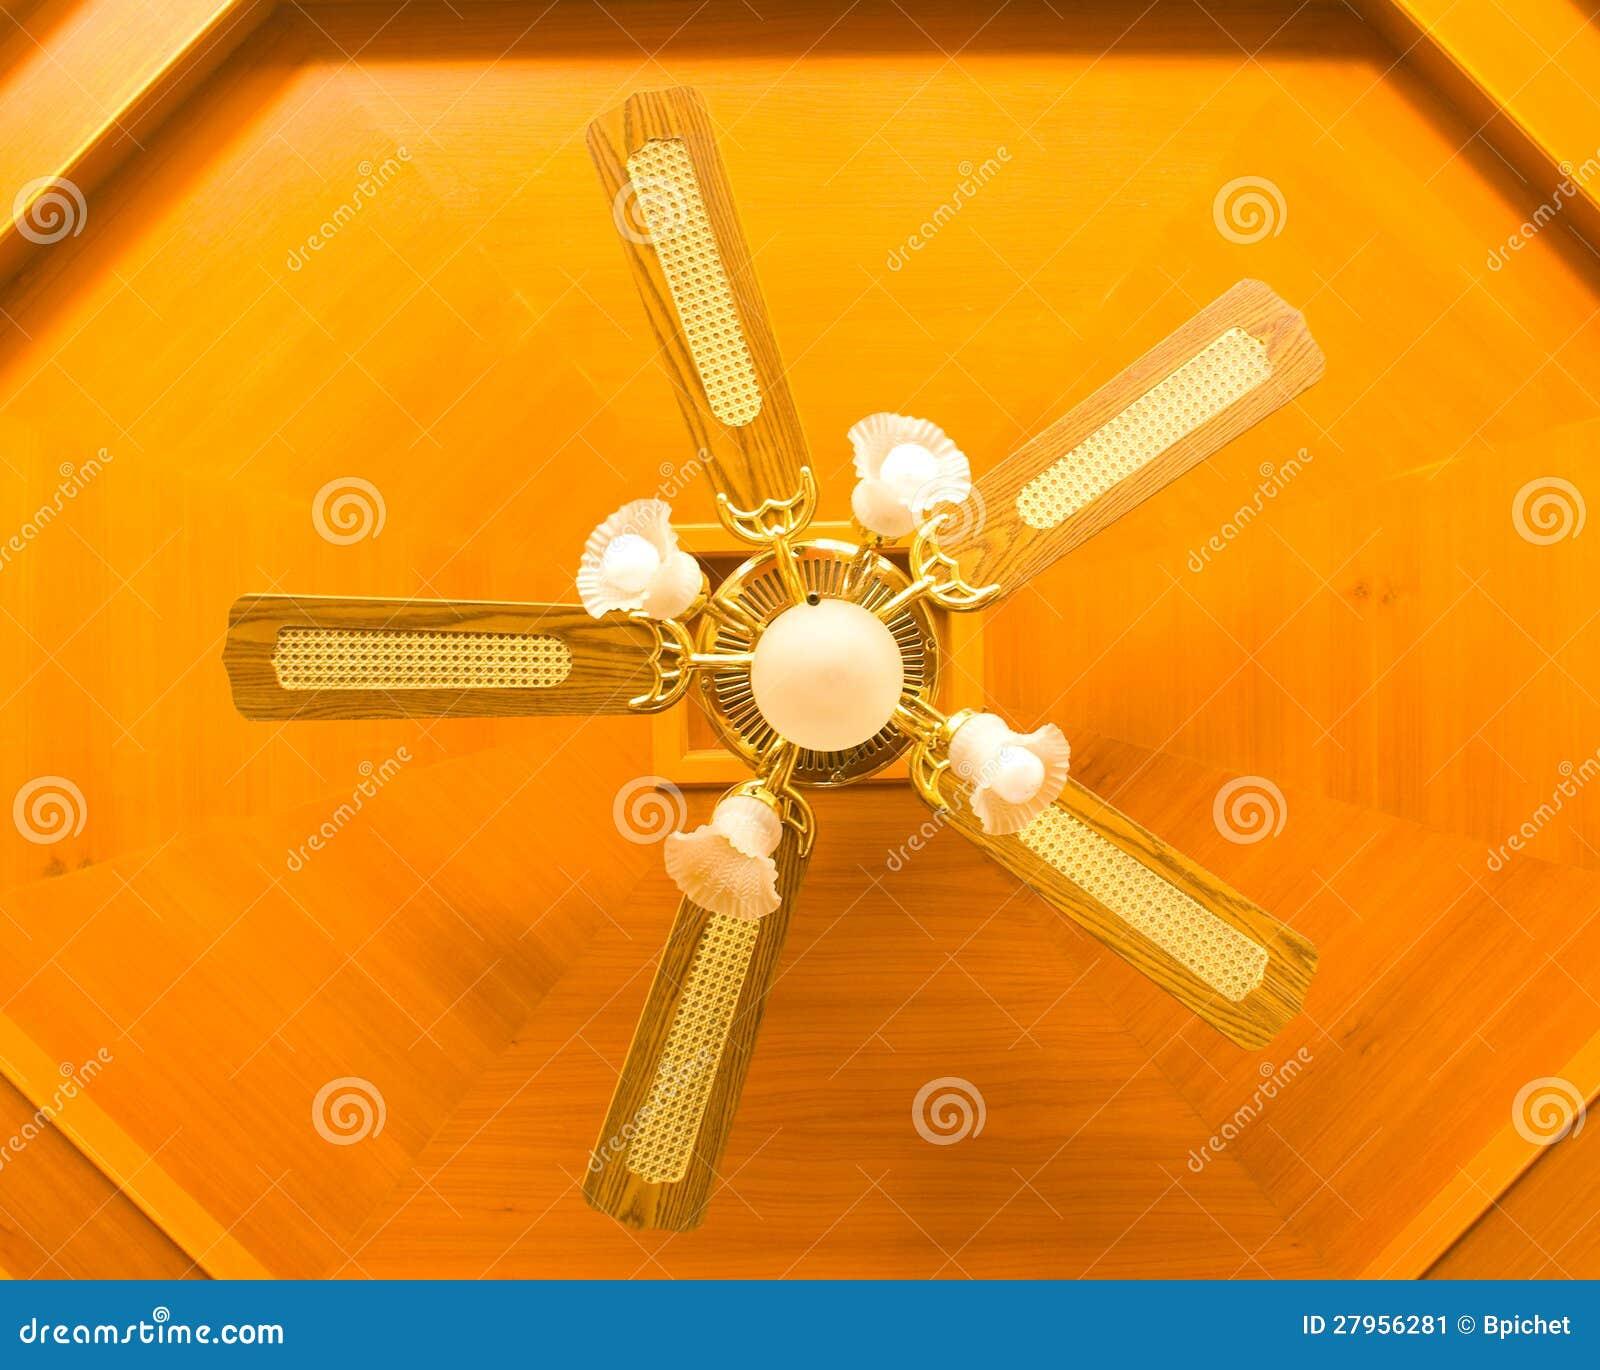 Ventiladores de techo imagen de archivo imagen 27956281 - Instalacion de ventilador de techo ...